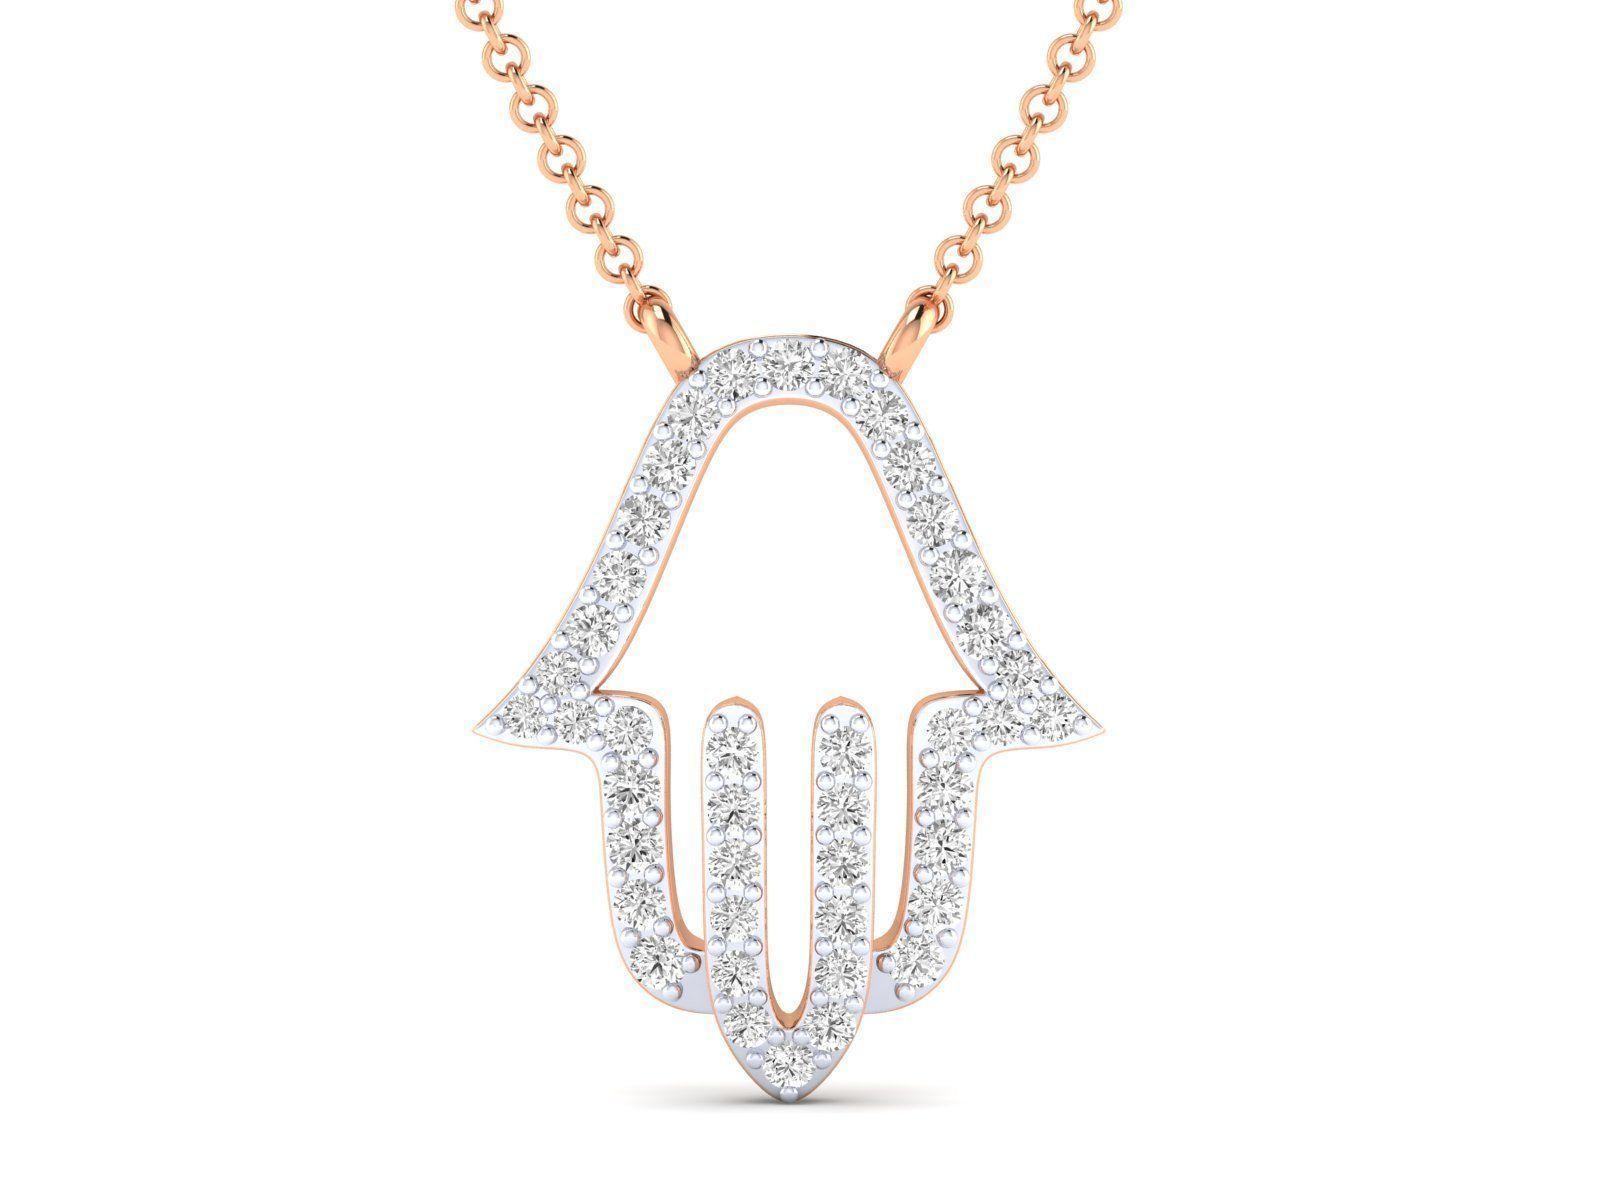 Women necklace pendant 3dm stl render detail